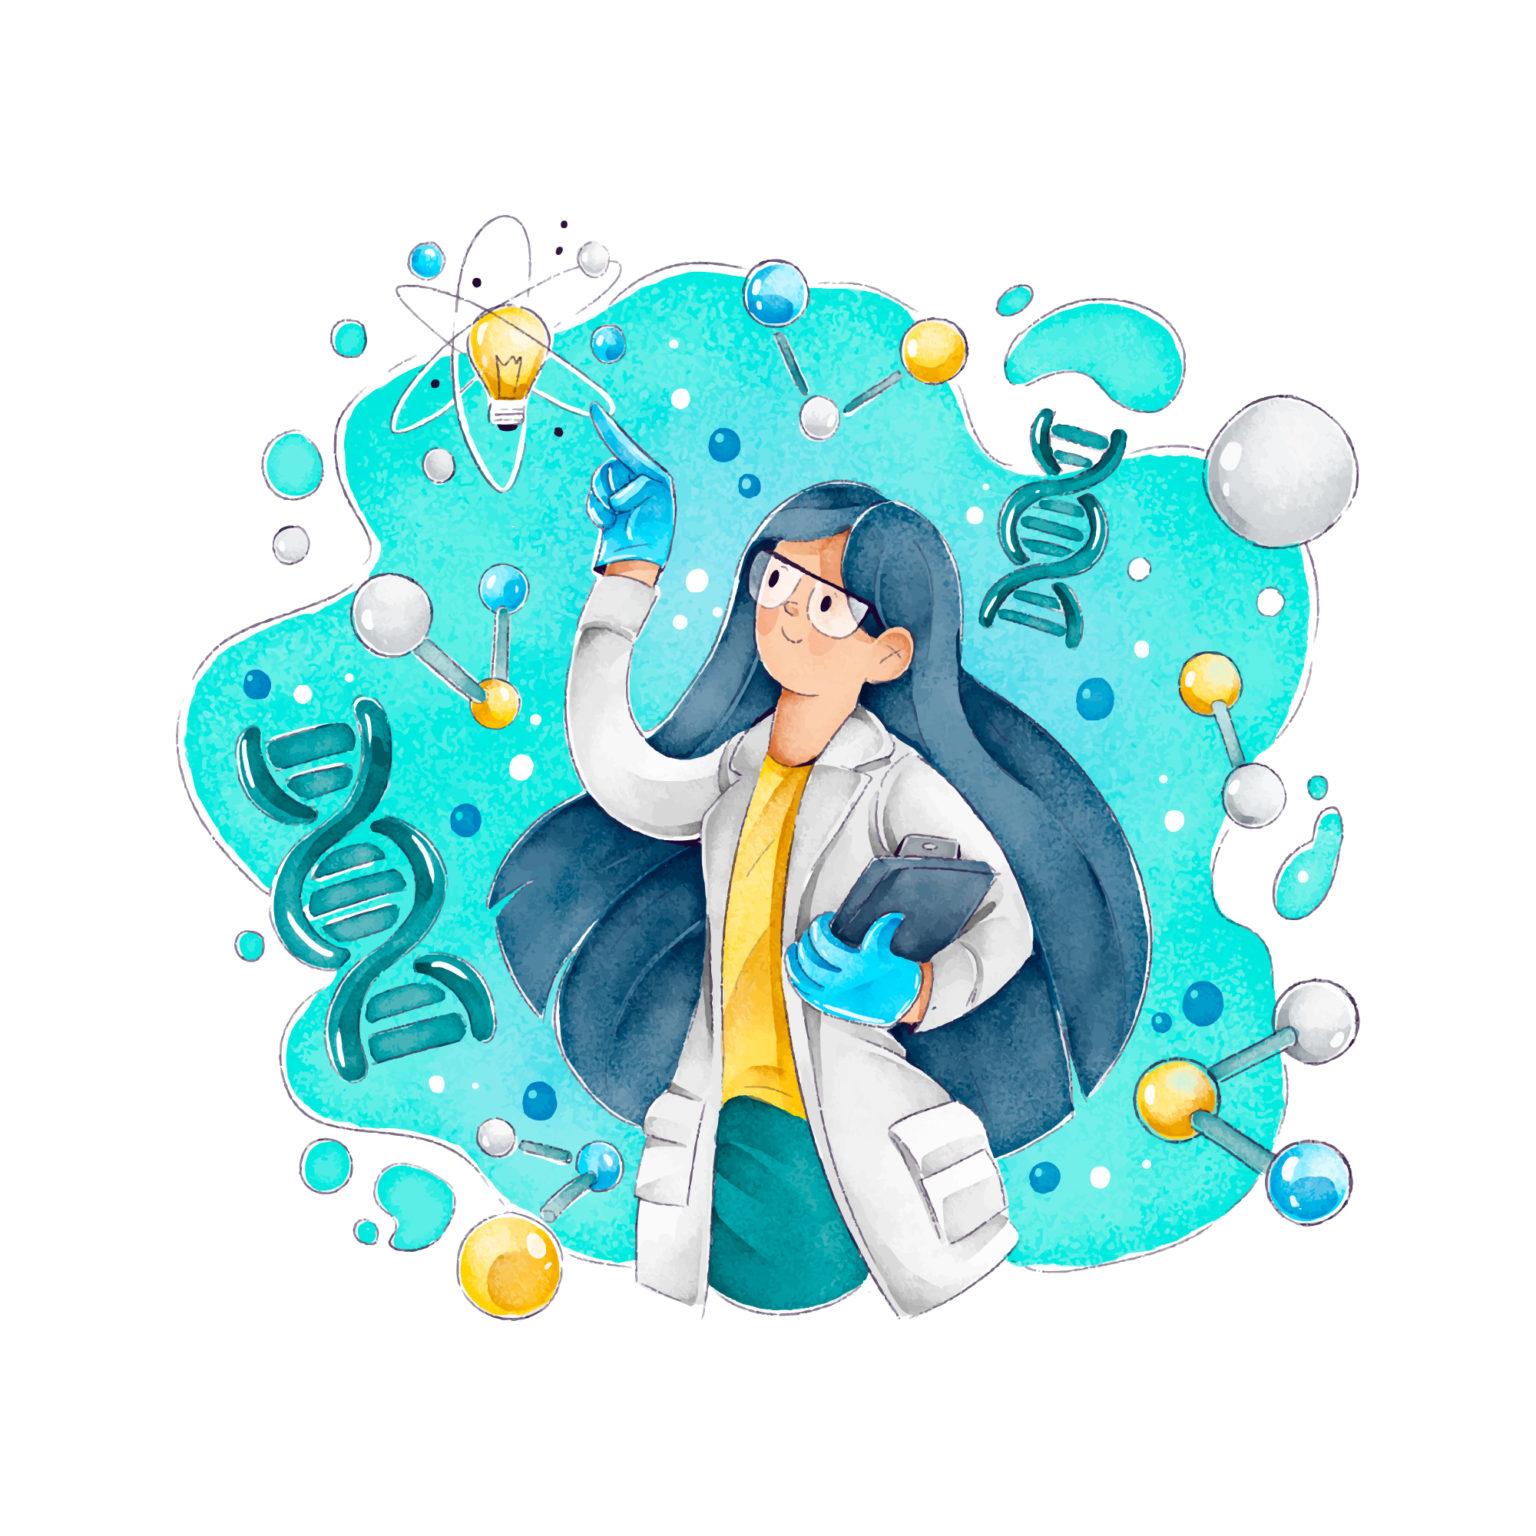 Imagen de una mujer cientifica